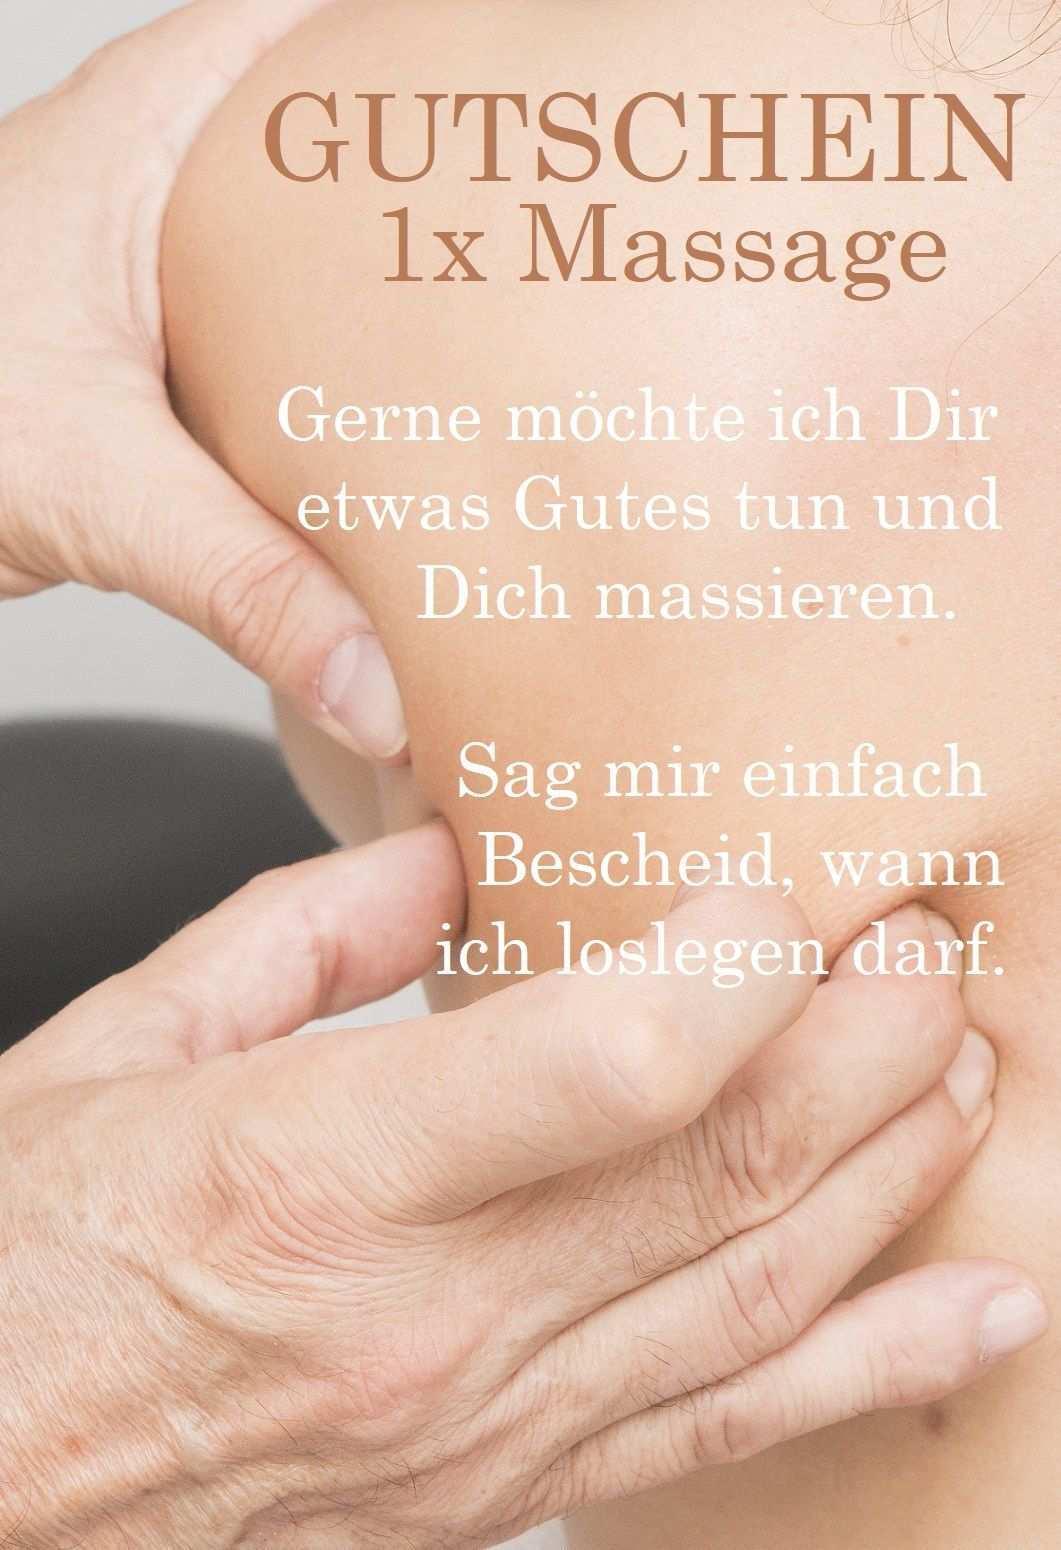 Gutscheinvorlage Furs Massieren Gutschein Vorlage Massage Gutschein Gutschein Ausdrucken